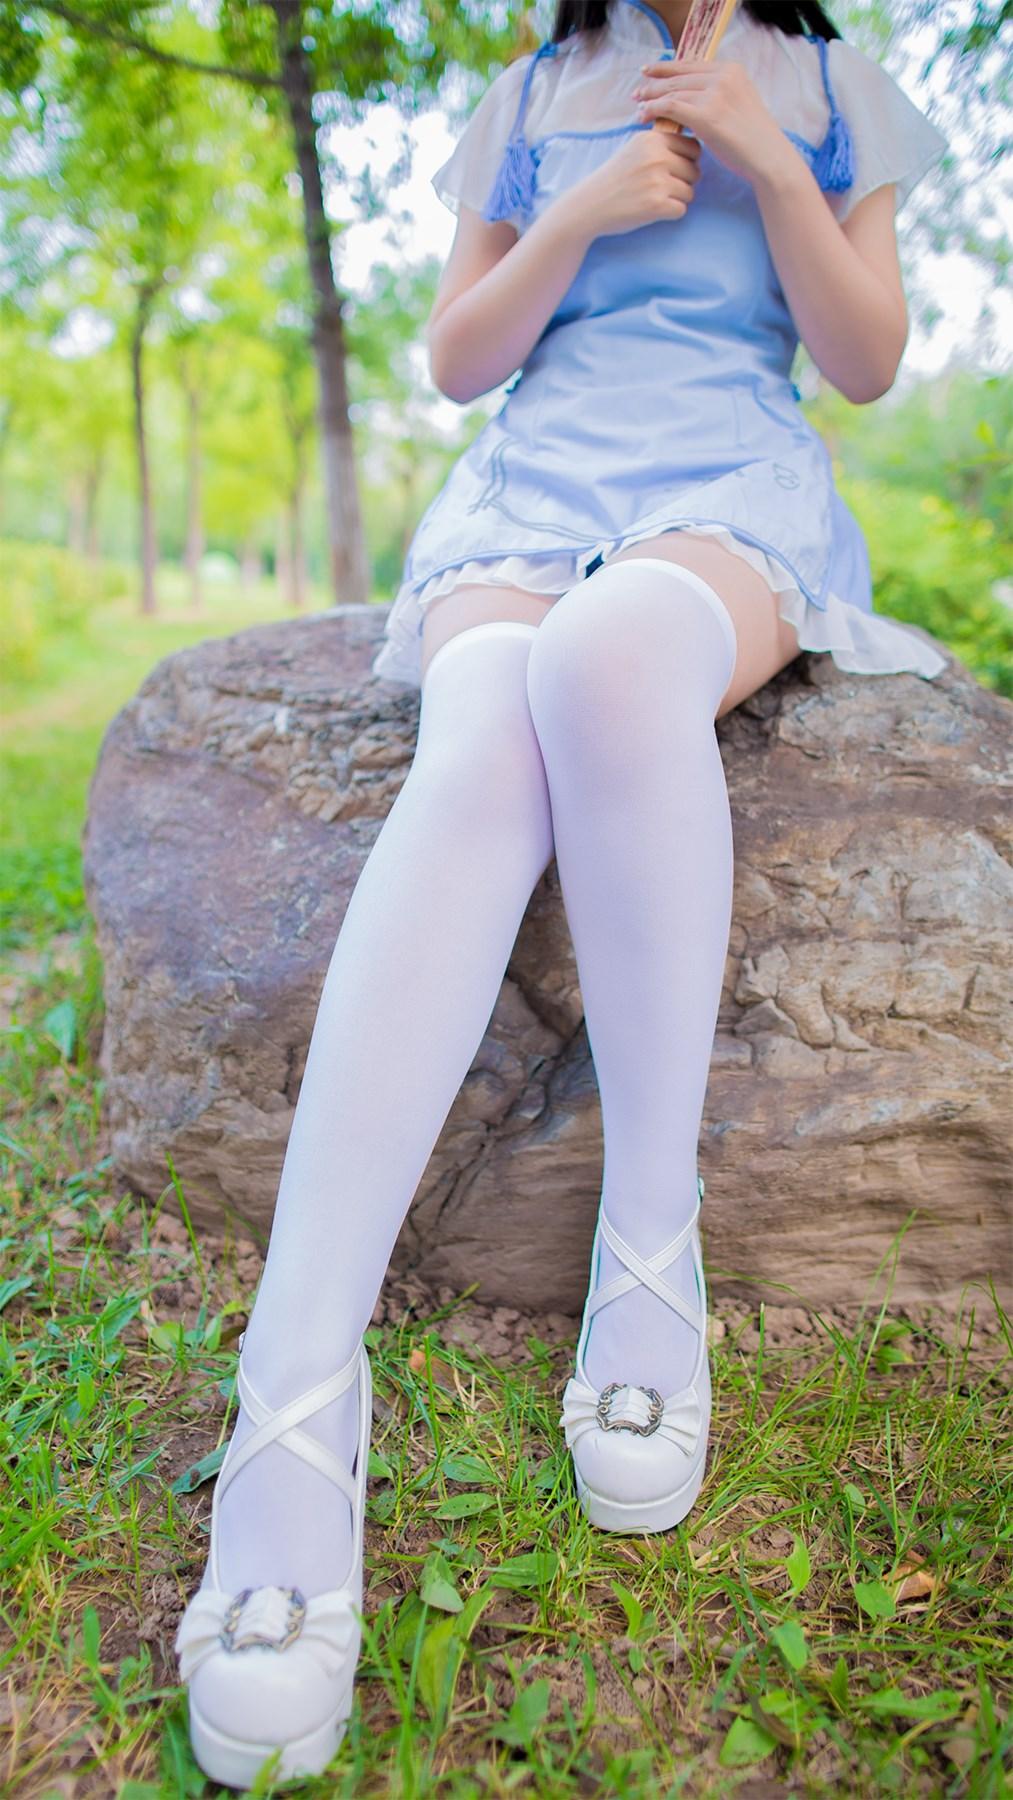 【兔玩映画】白丝旗袍 兔玩映画 第36张